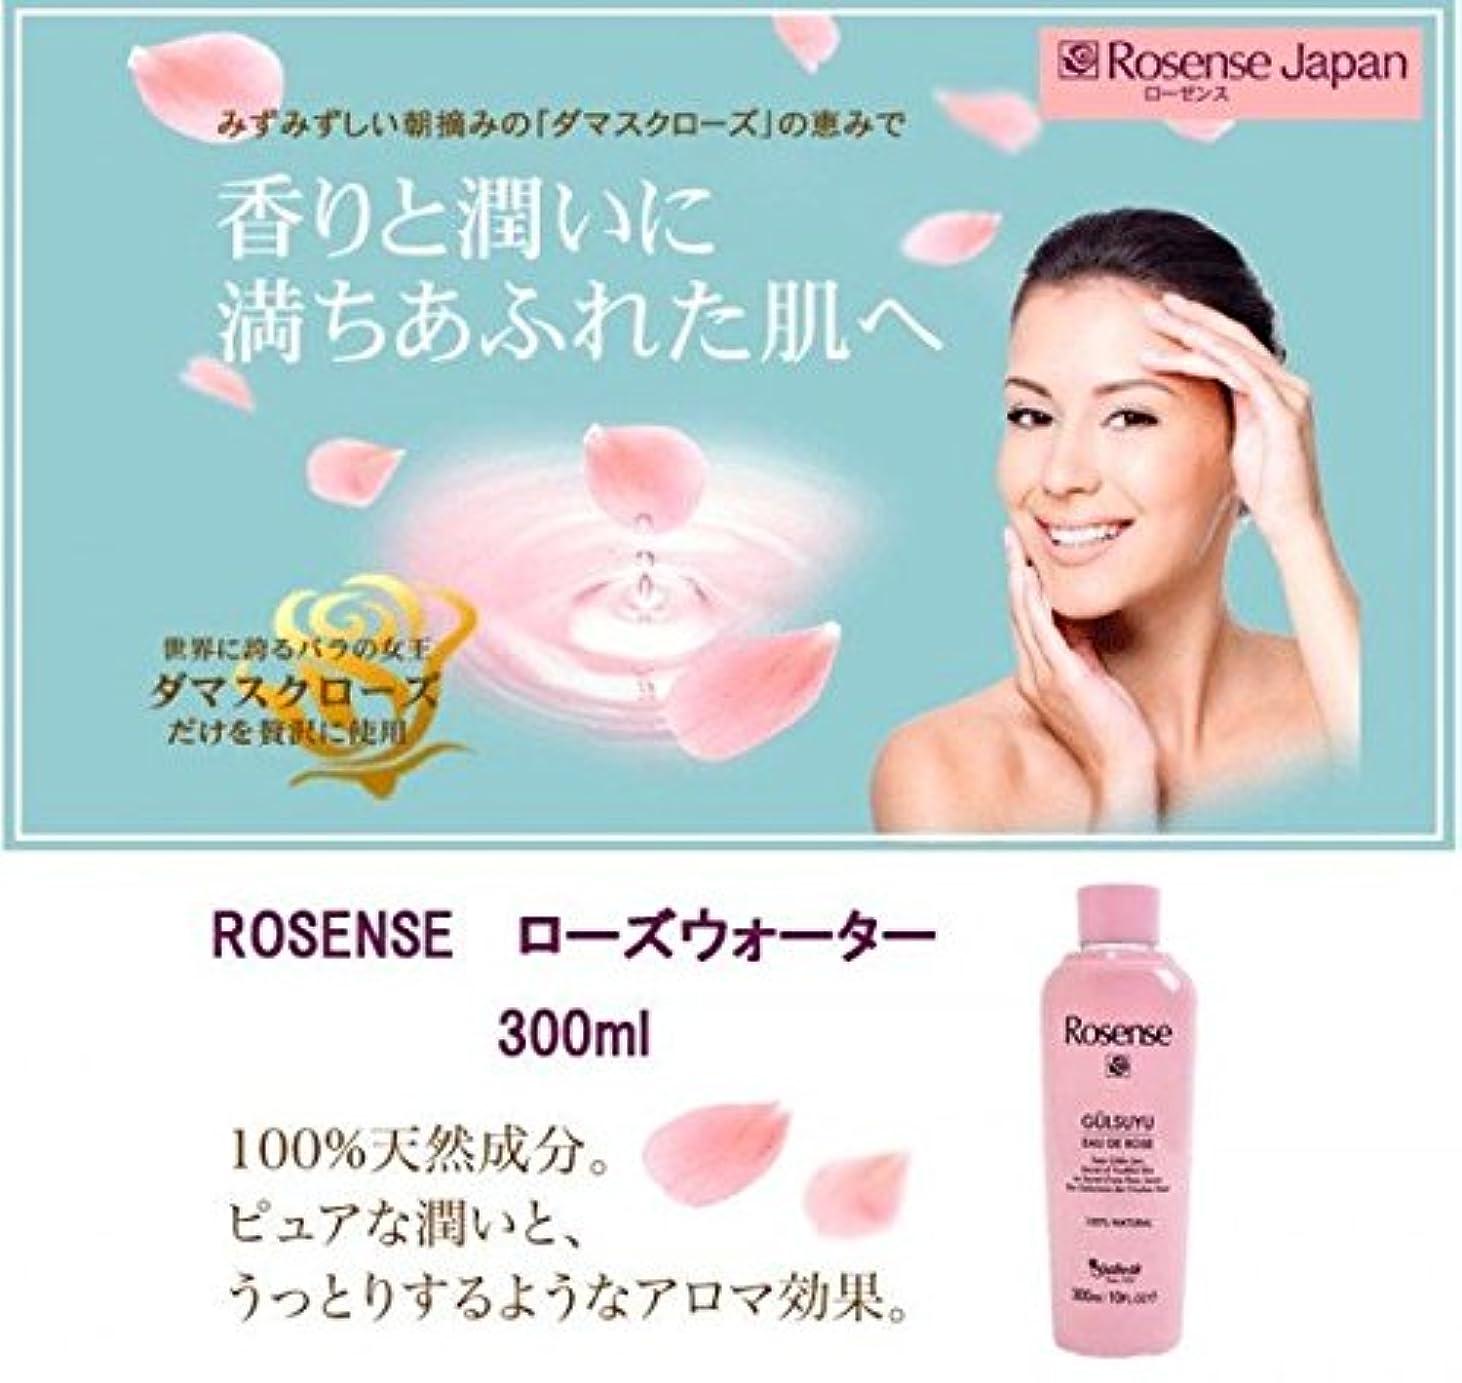 メロドラマ東ティモール司法ROSENSE ローズウォーター 300ml バラの芳醇な香りに包まれながら お肌を整えます